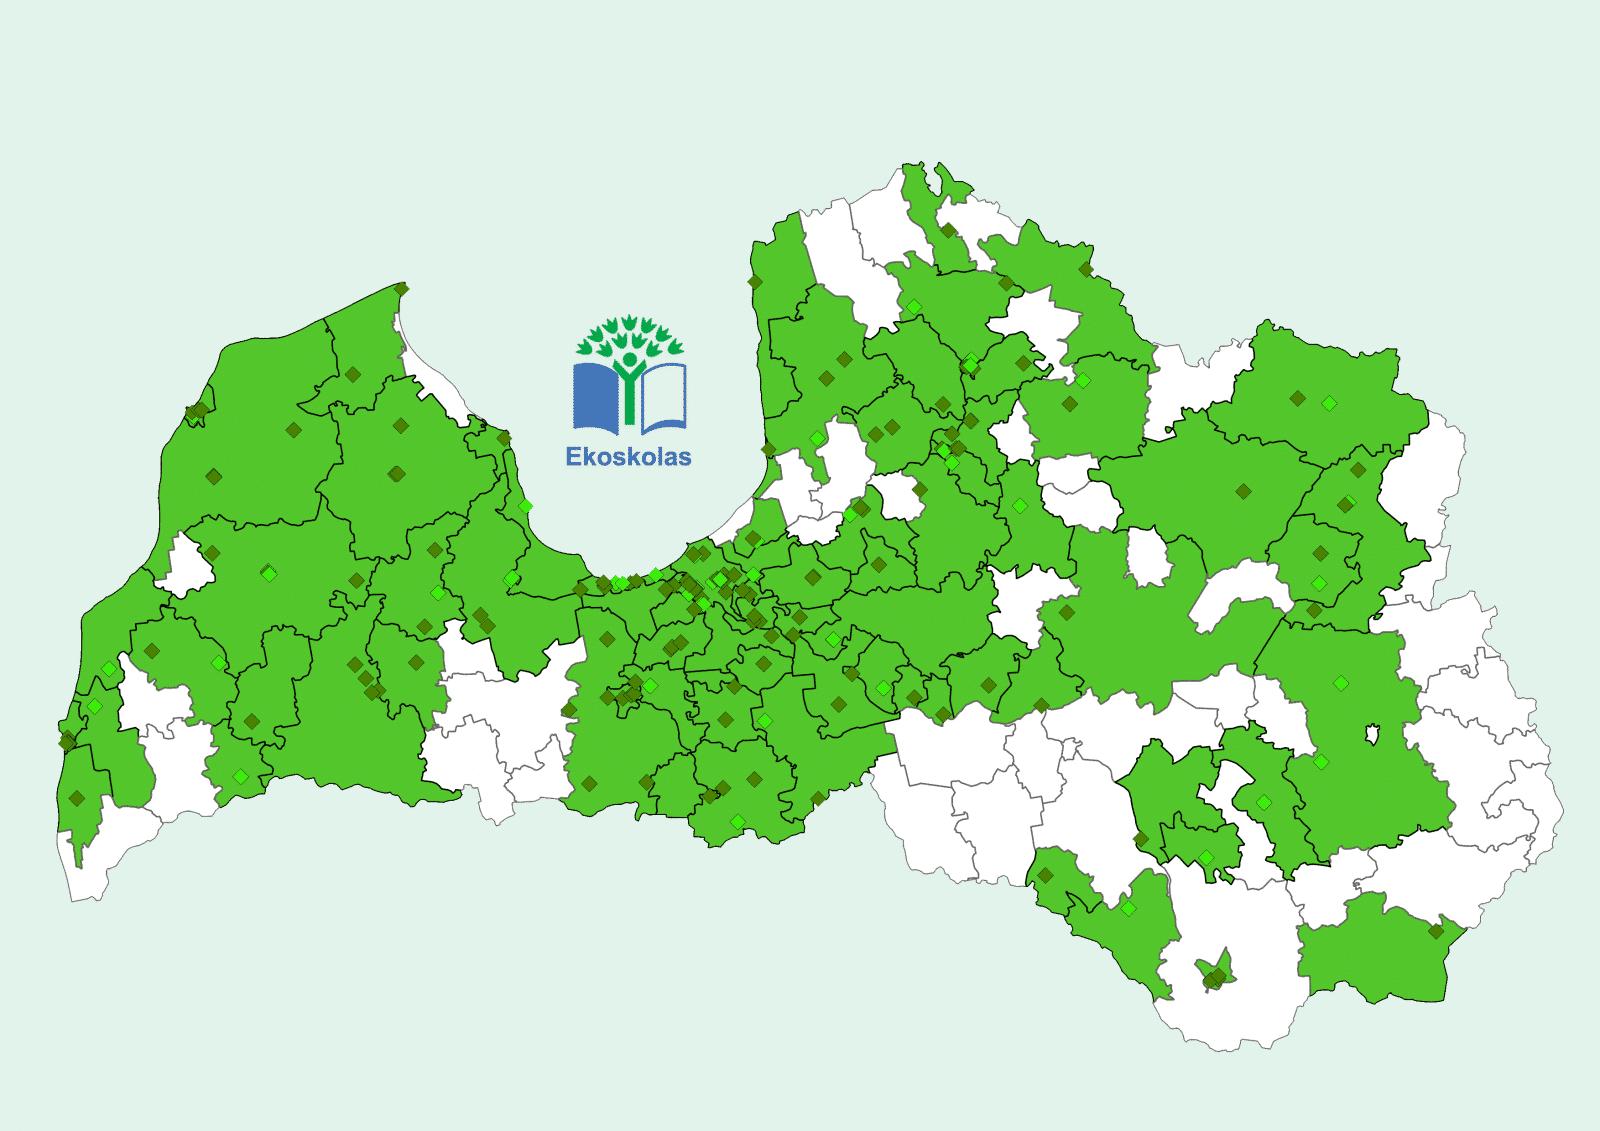 Ekoskolas turpina uzturēt vides izglītību visā Latvijā jau 17 gadus